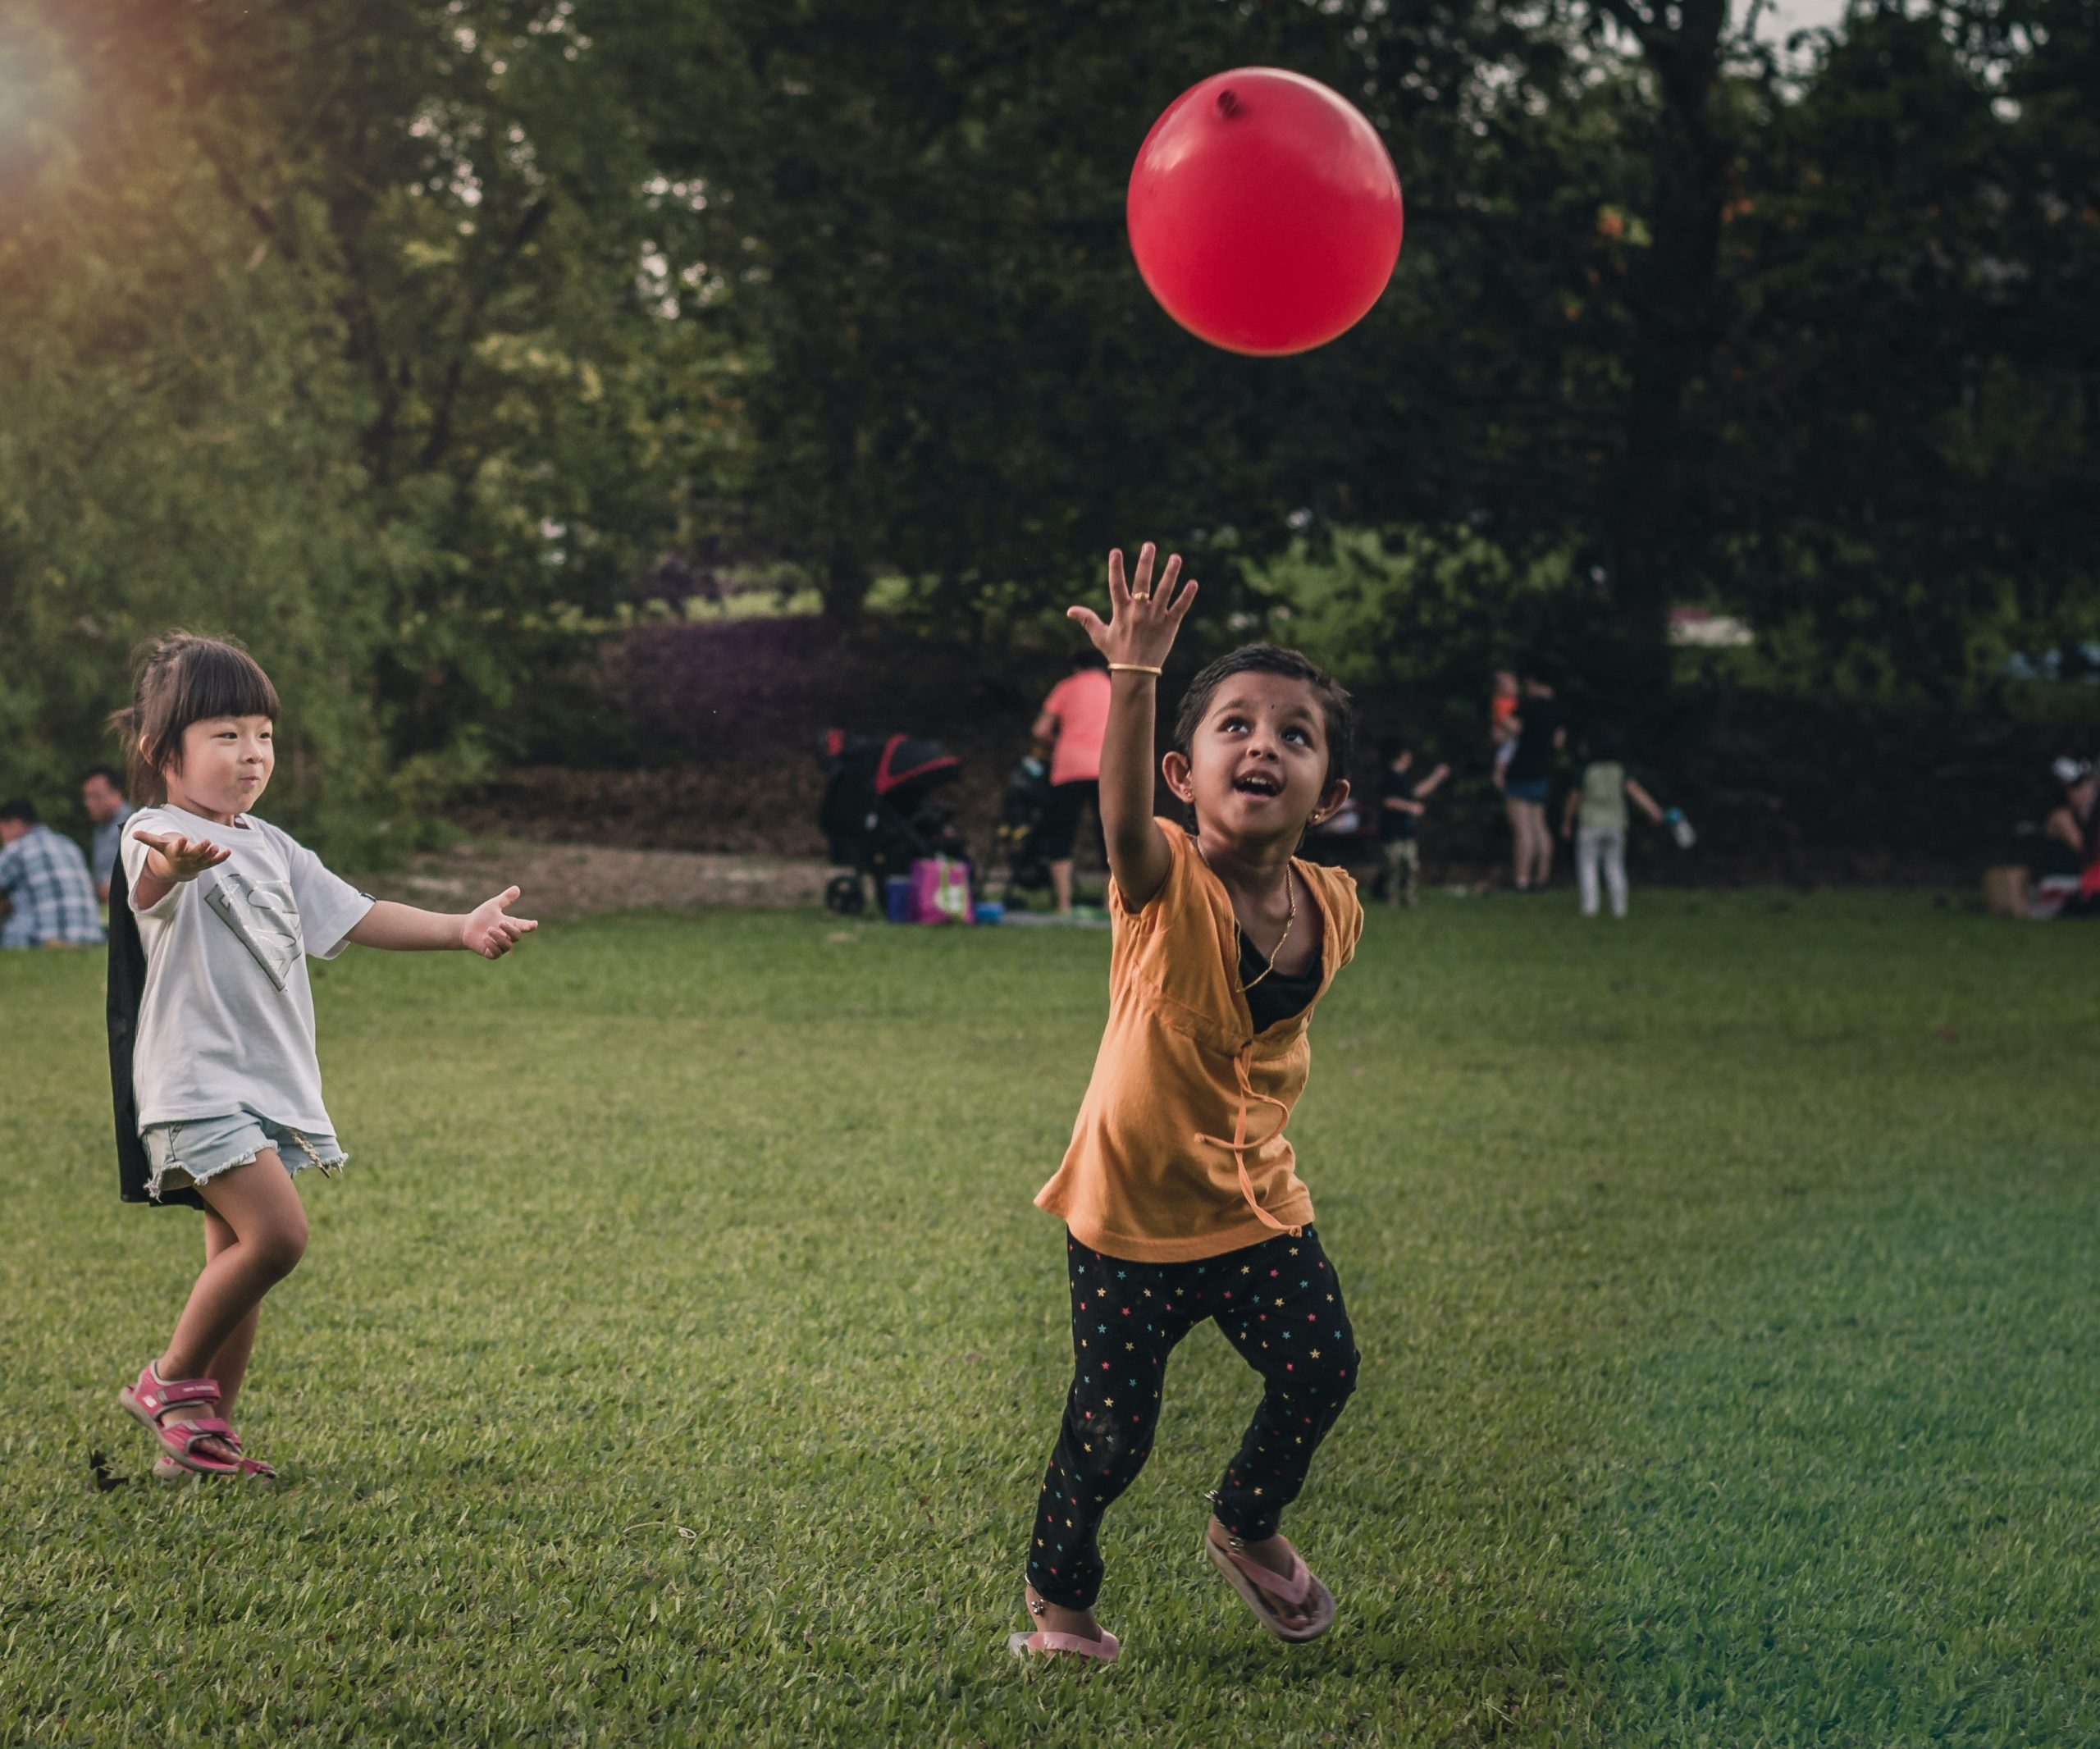 Enfant Ballon Jeu Anniversaire